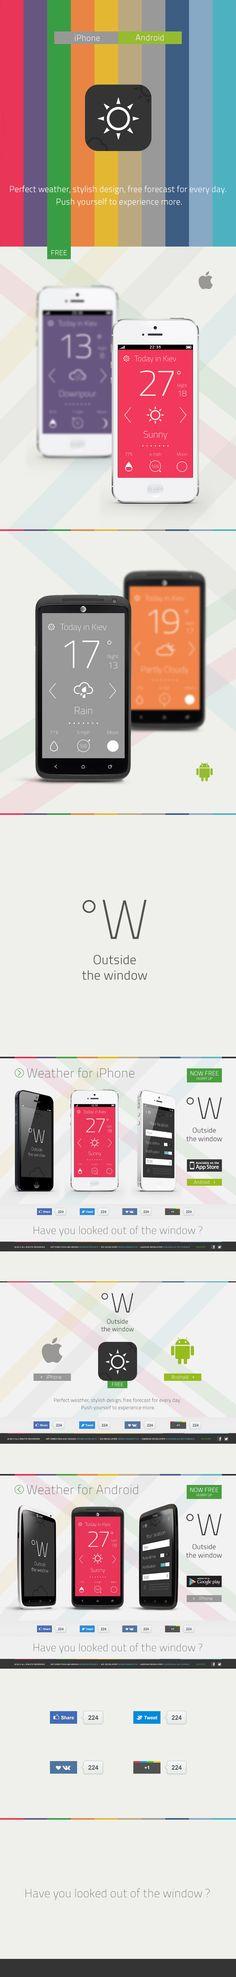 """Weather App """"Outside the window"""" on Behance"""